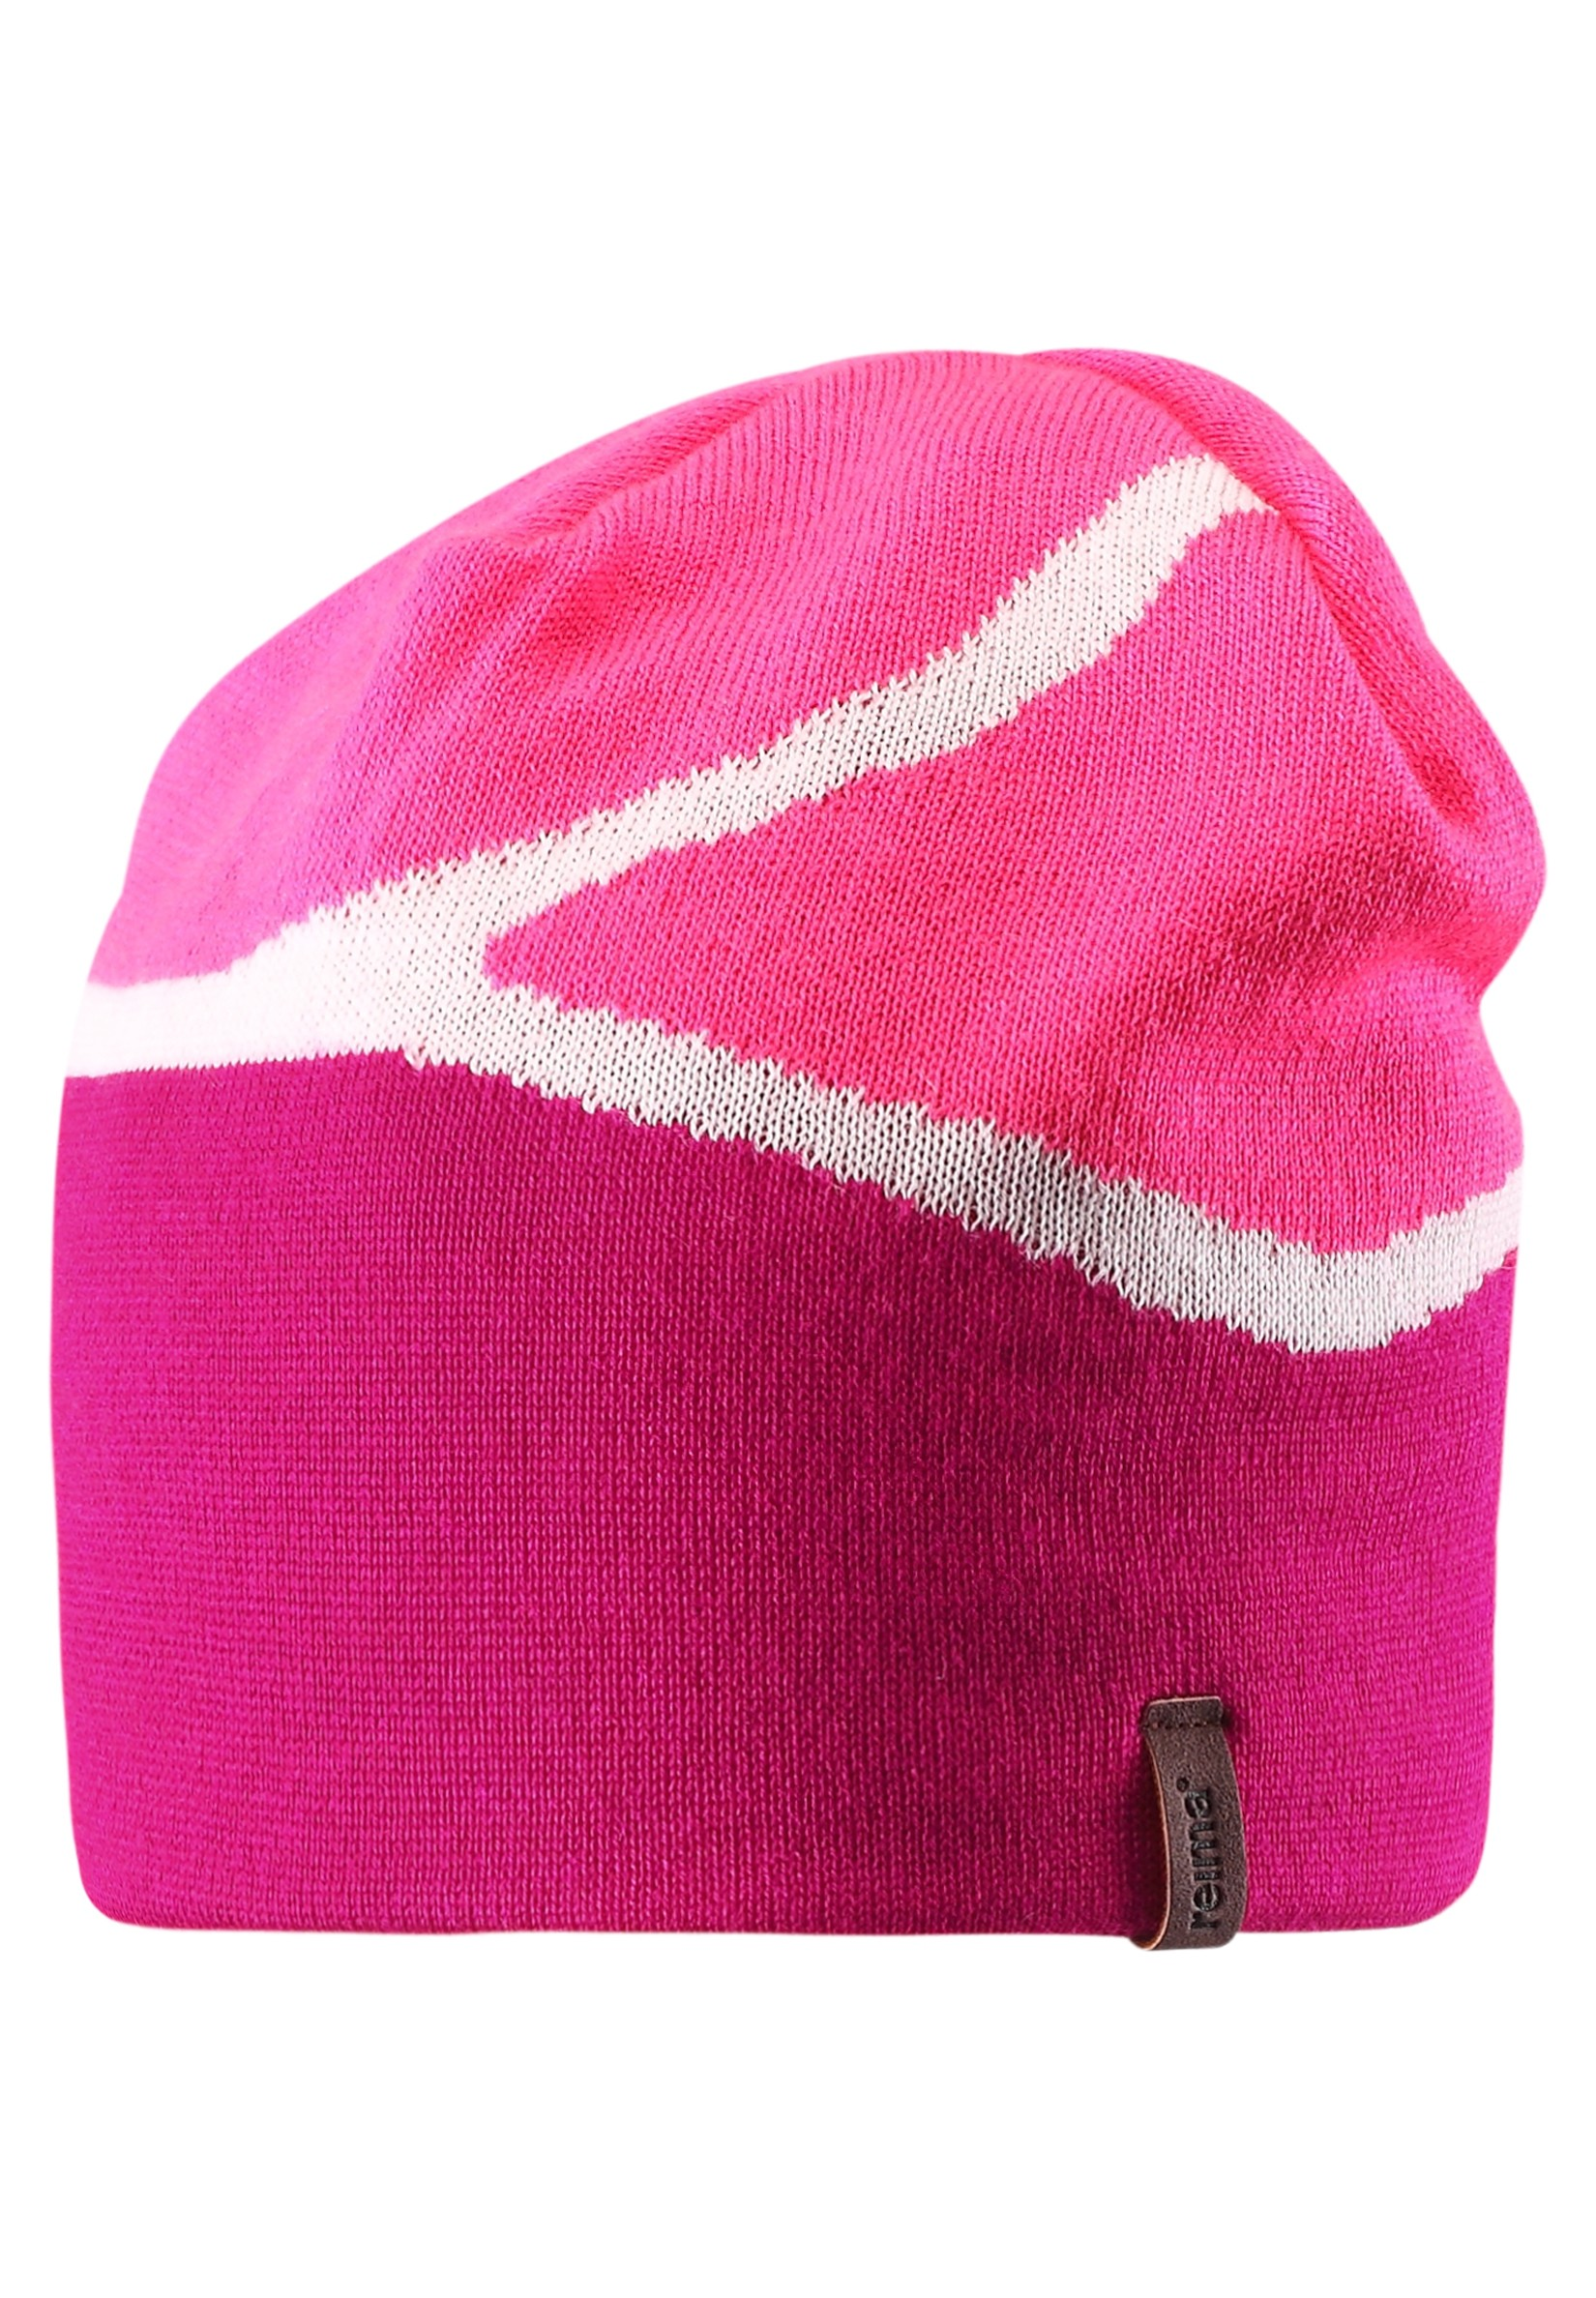 Шапка для девочки Reima Slalom 538013-4830